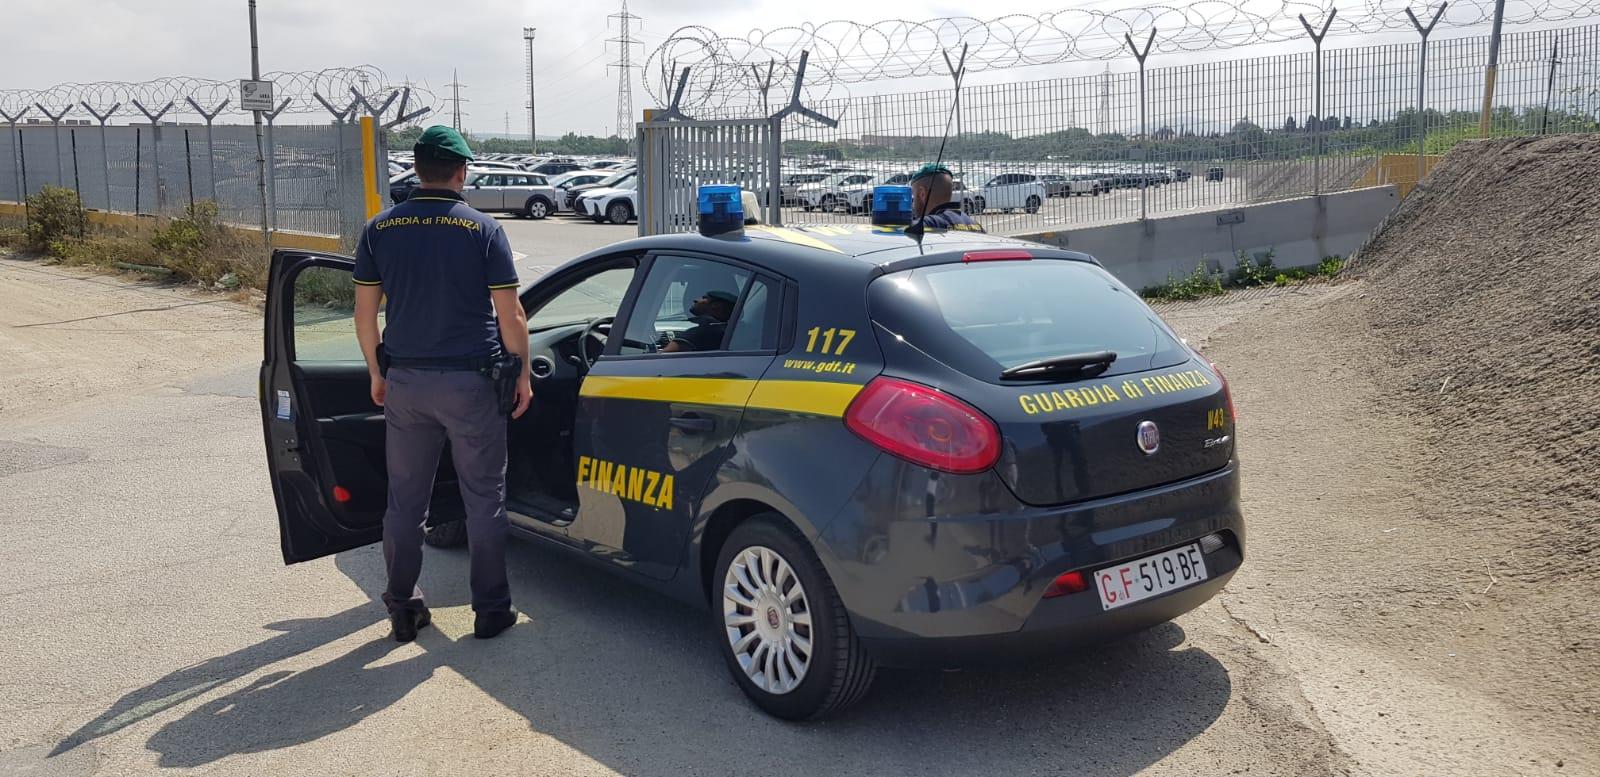 Porto di Livorno, scoperti dalla GdF 10 lavoratori in nero e 17 irregolari: 22.300 euro la sanzione al titolare della ditta